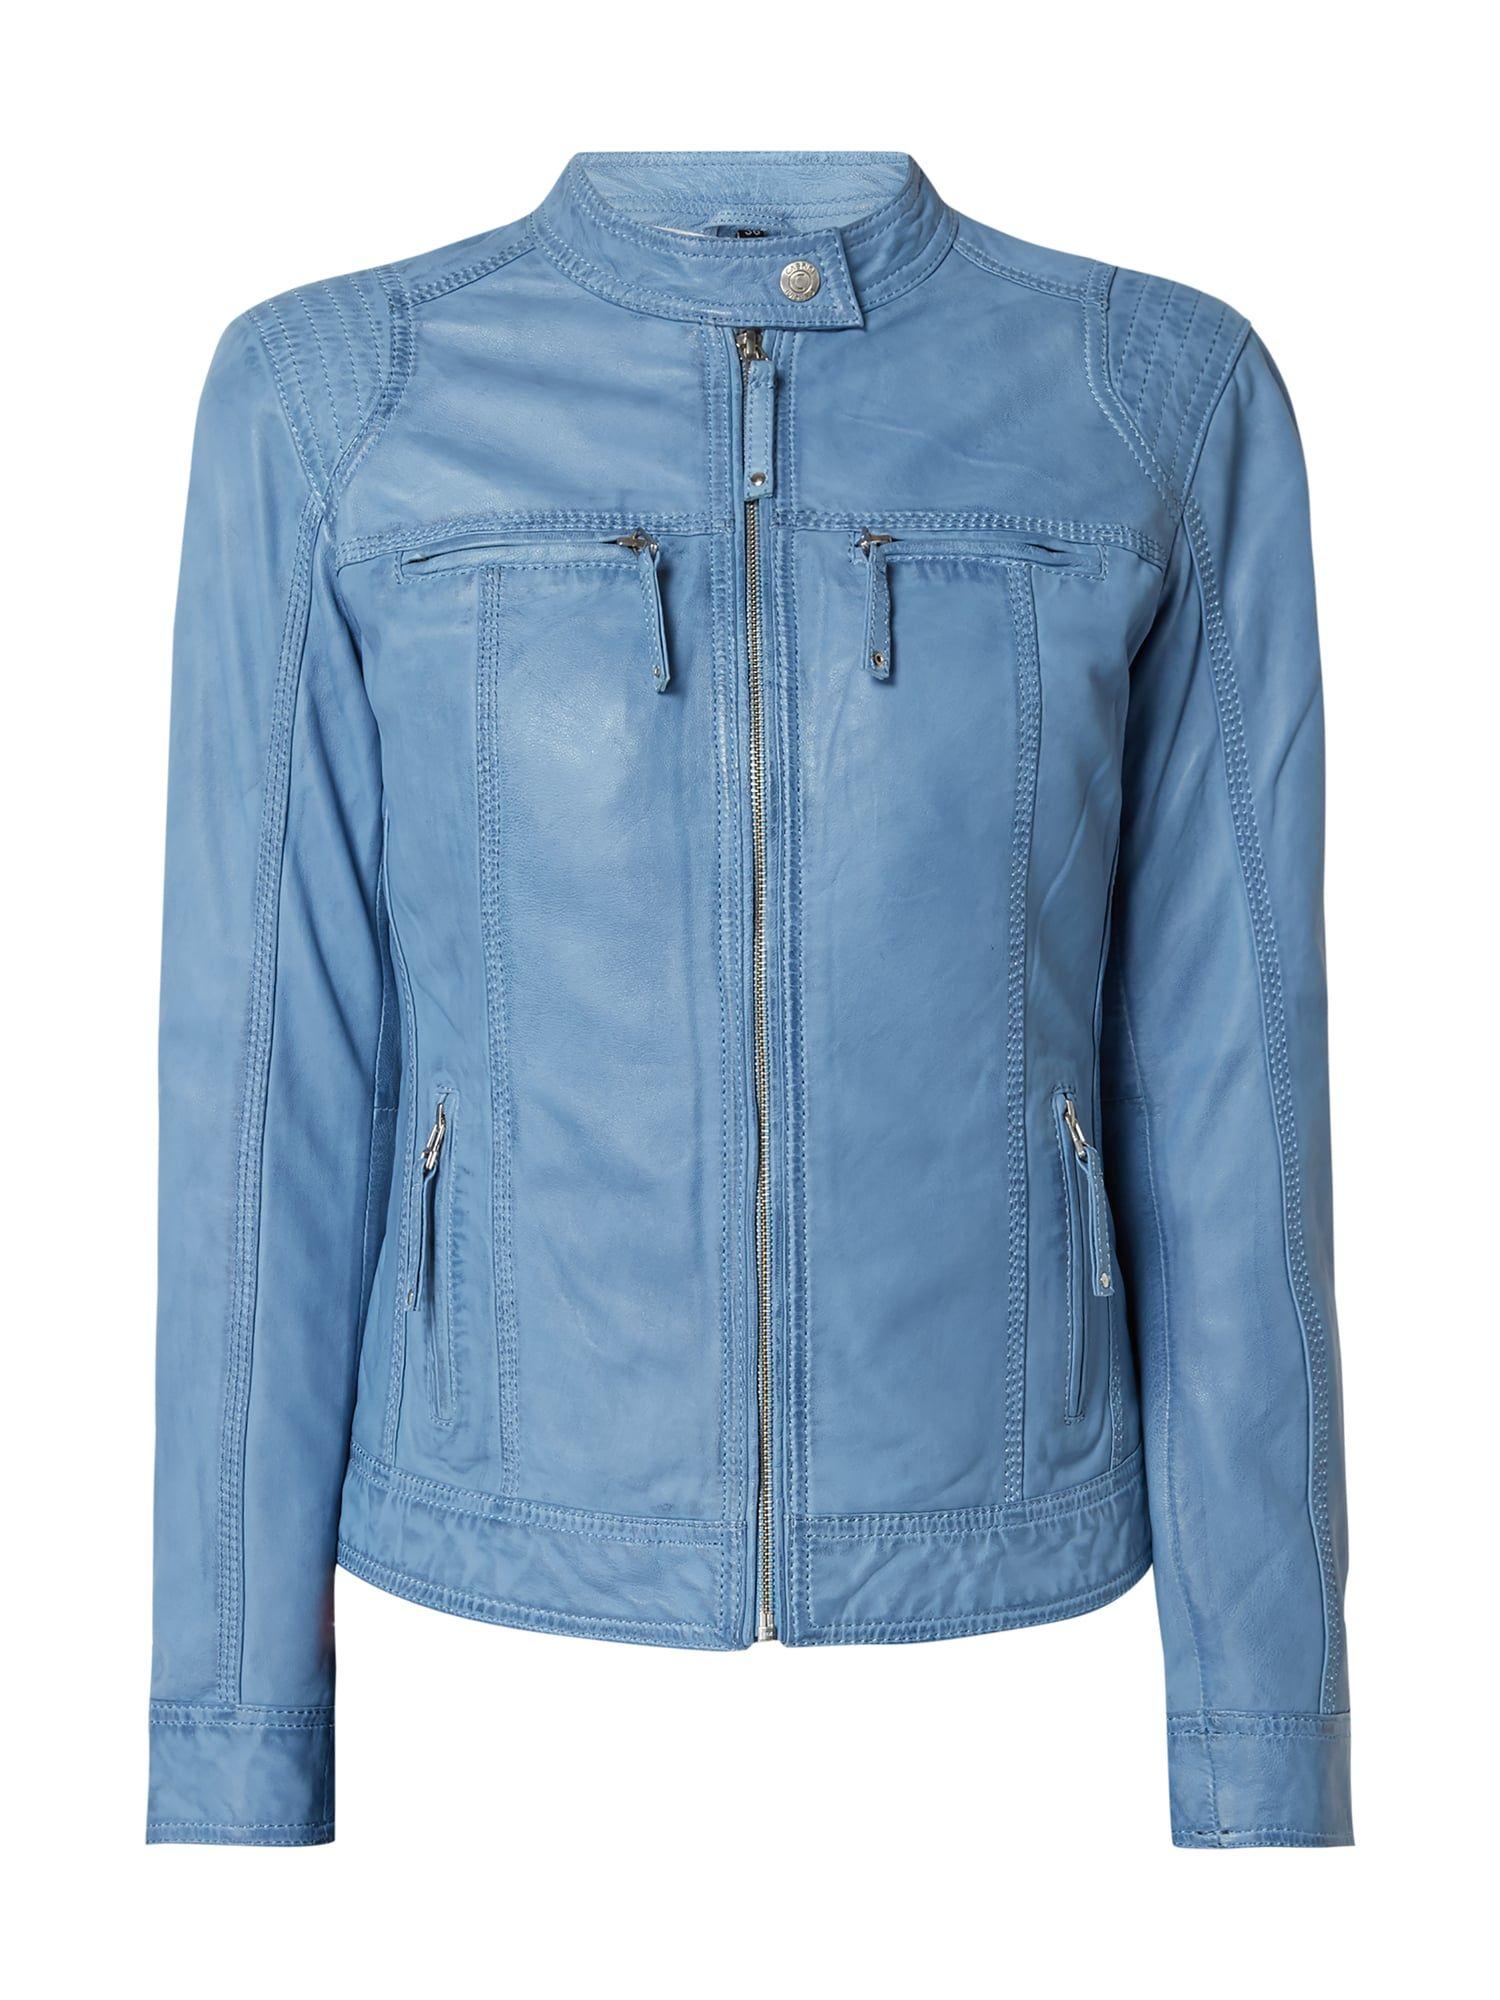 Cabrini – Lederjacke mit Reißverschlusstaschen – Himmelblau